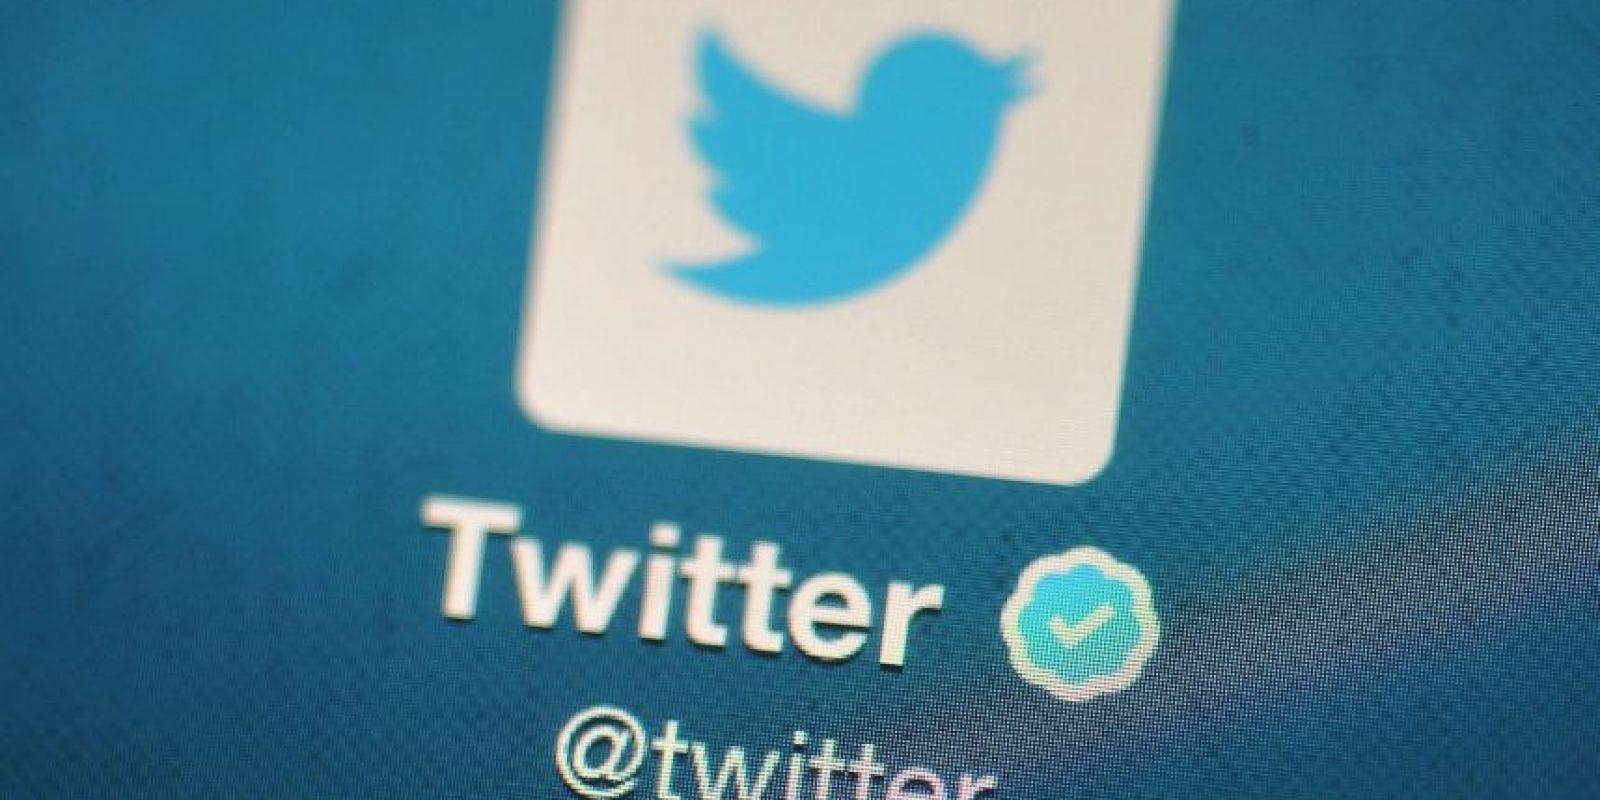 """Sitios de noticias estadounidenses, como """"The Verge"""", sostienen que este plan de Twitter surge para competir con WhatsApp y Facebook. Foto:Getty Images"""